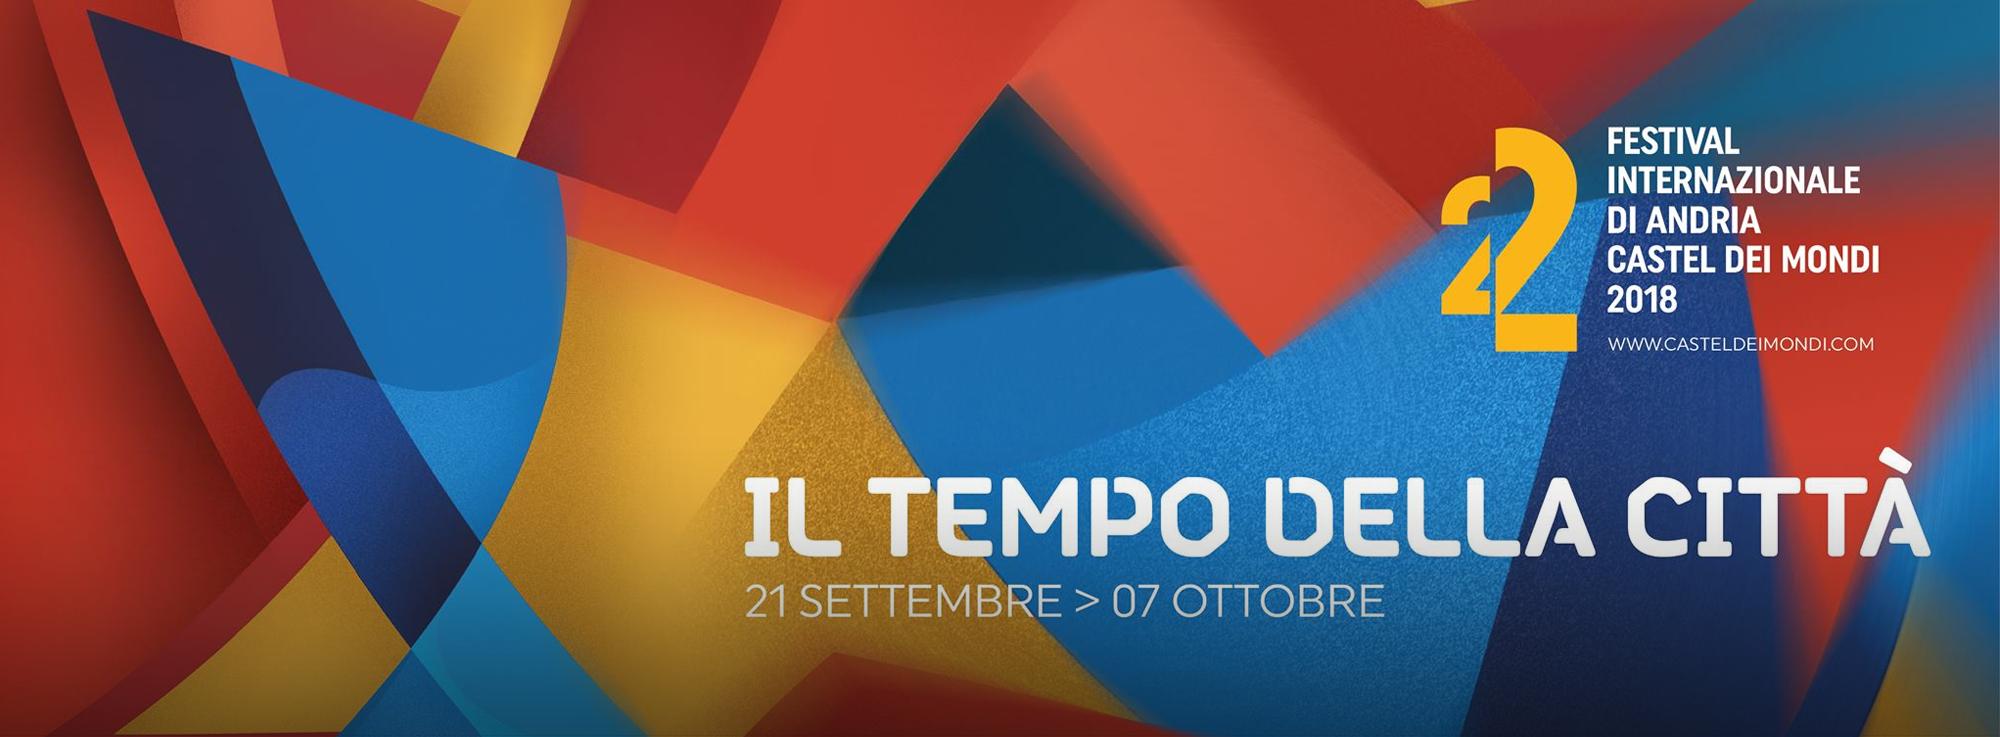 Andria: Festival Castel dei Mondi